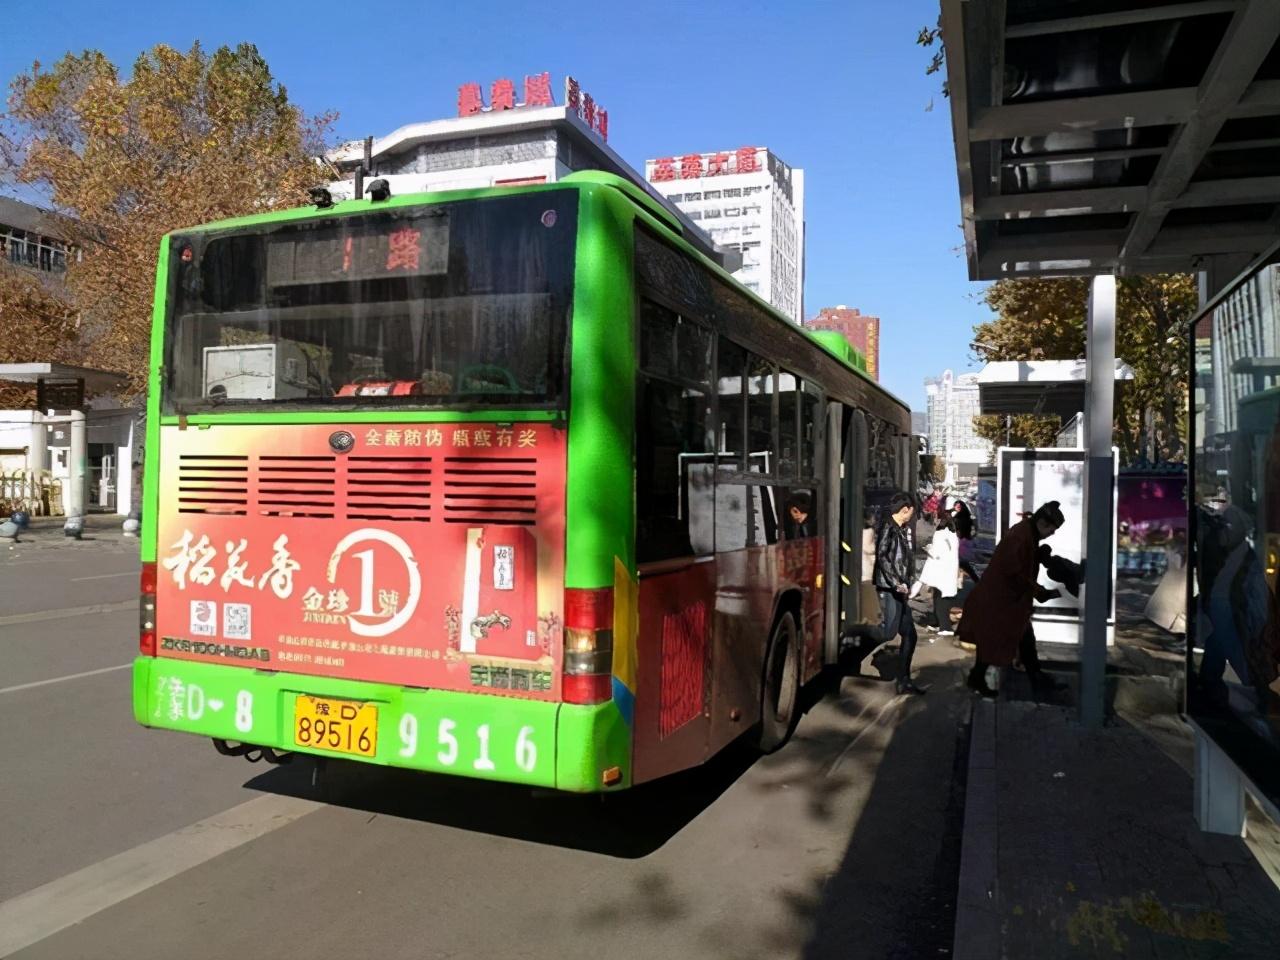 给力!平顶山公交车免费,3分钟带你了解最全的平顶山单双号限行